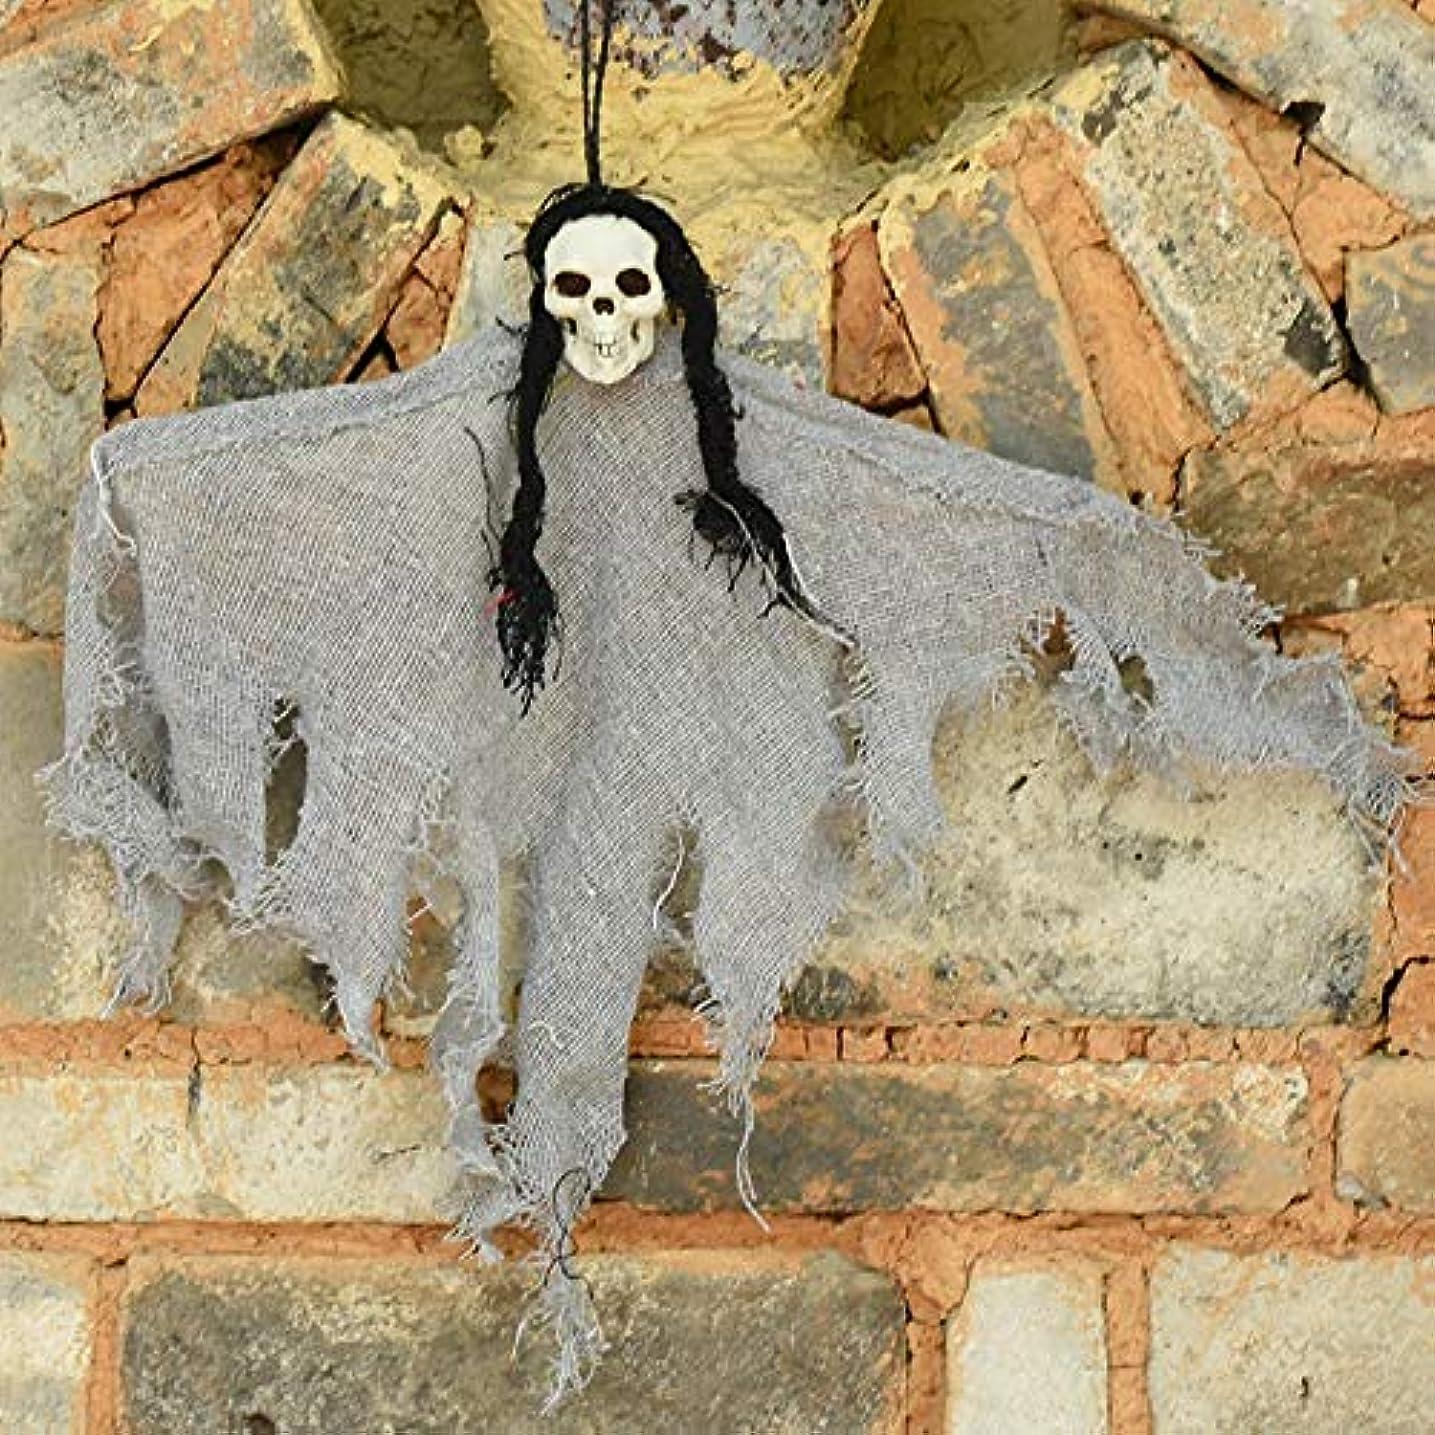 投資するトピックくちばしETRRUU HOME ハロウィン装飾スカルぶら下げゴーストお化け屋敷シークレットルームバーパーティー装飾製品 (Size : C)